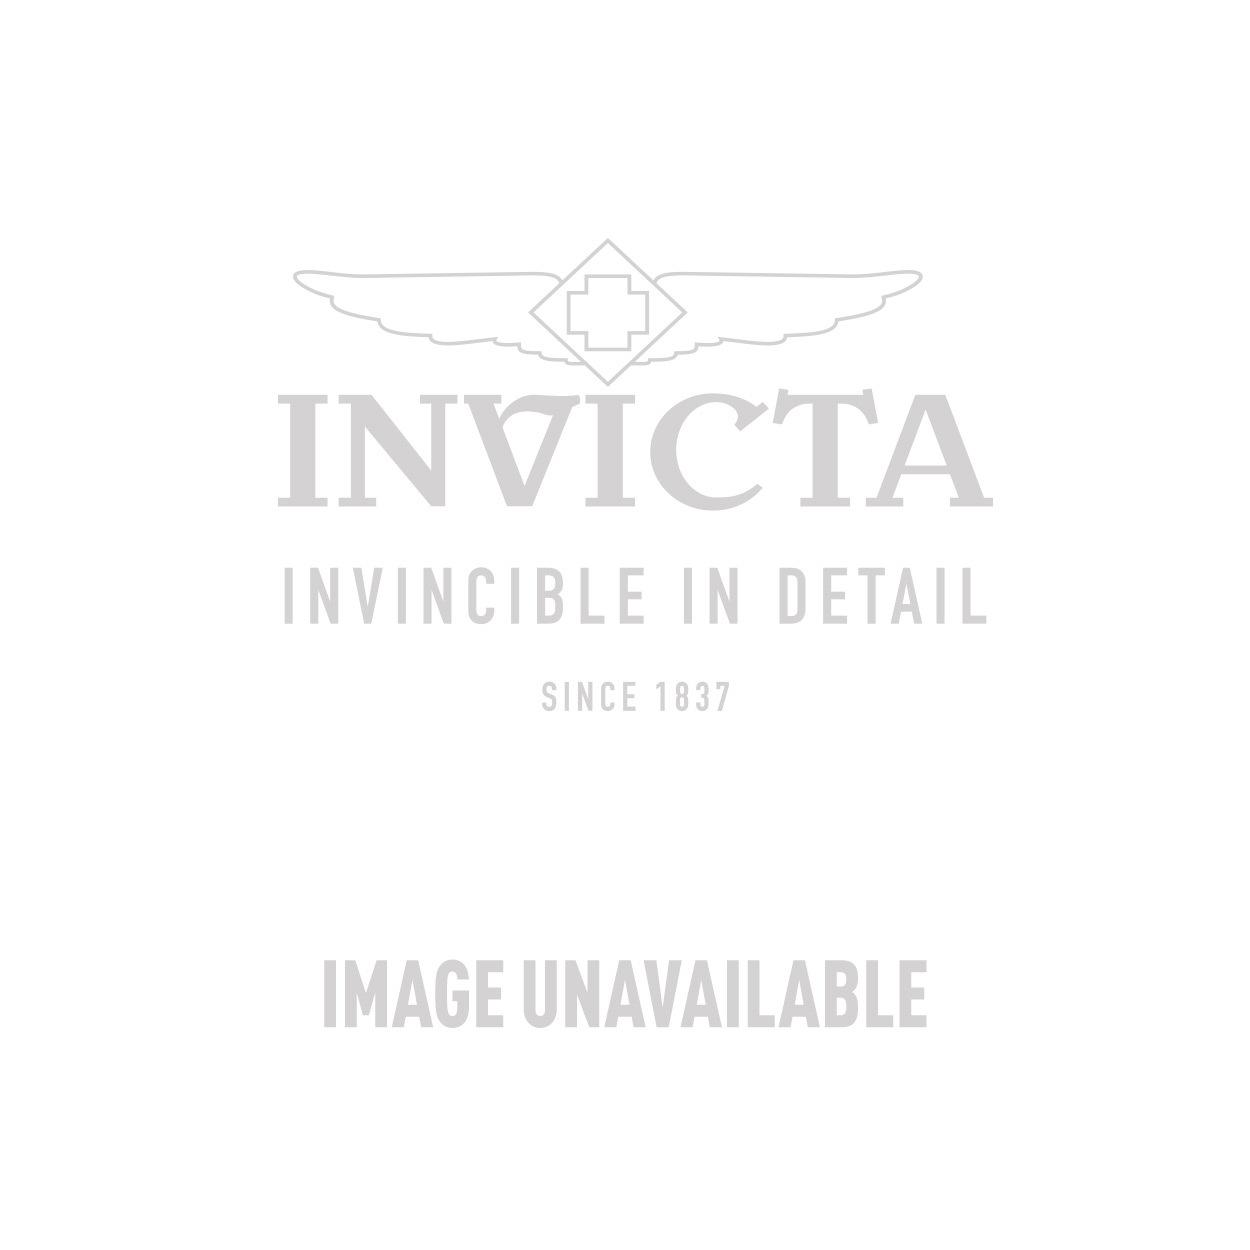 Invicta Model 23634